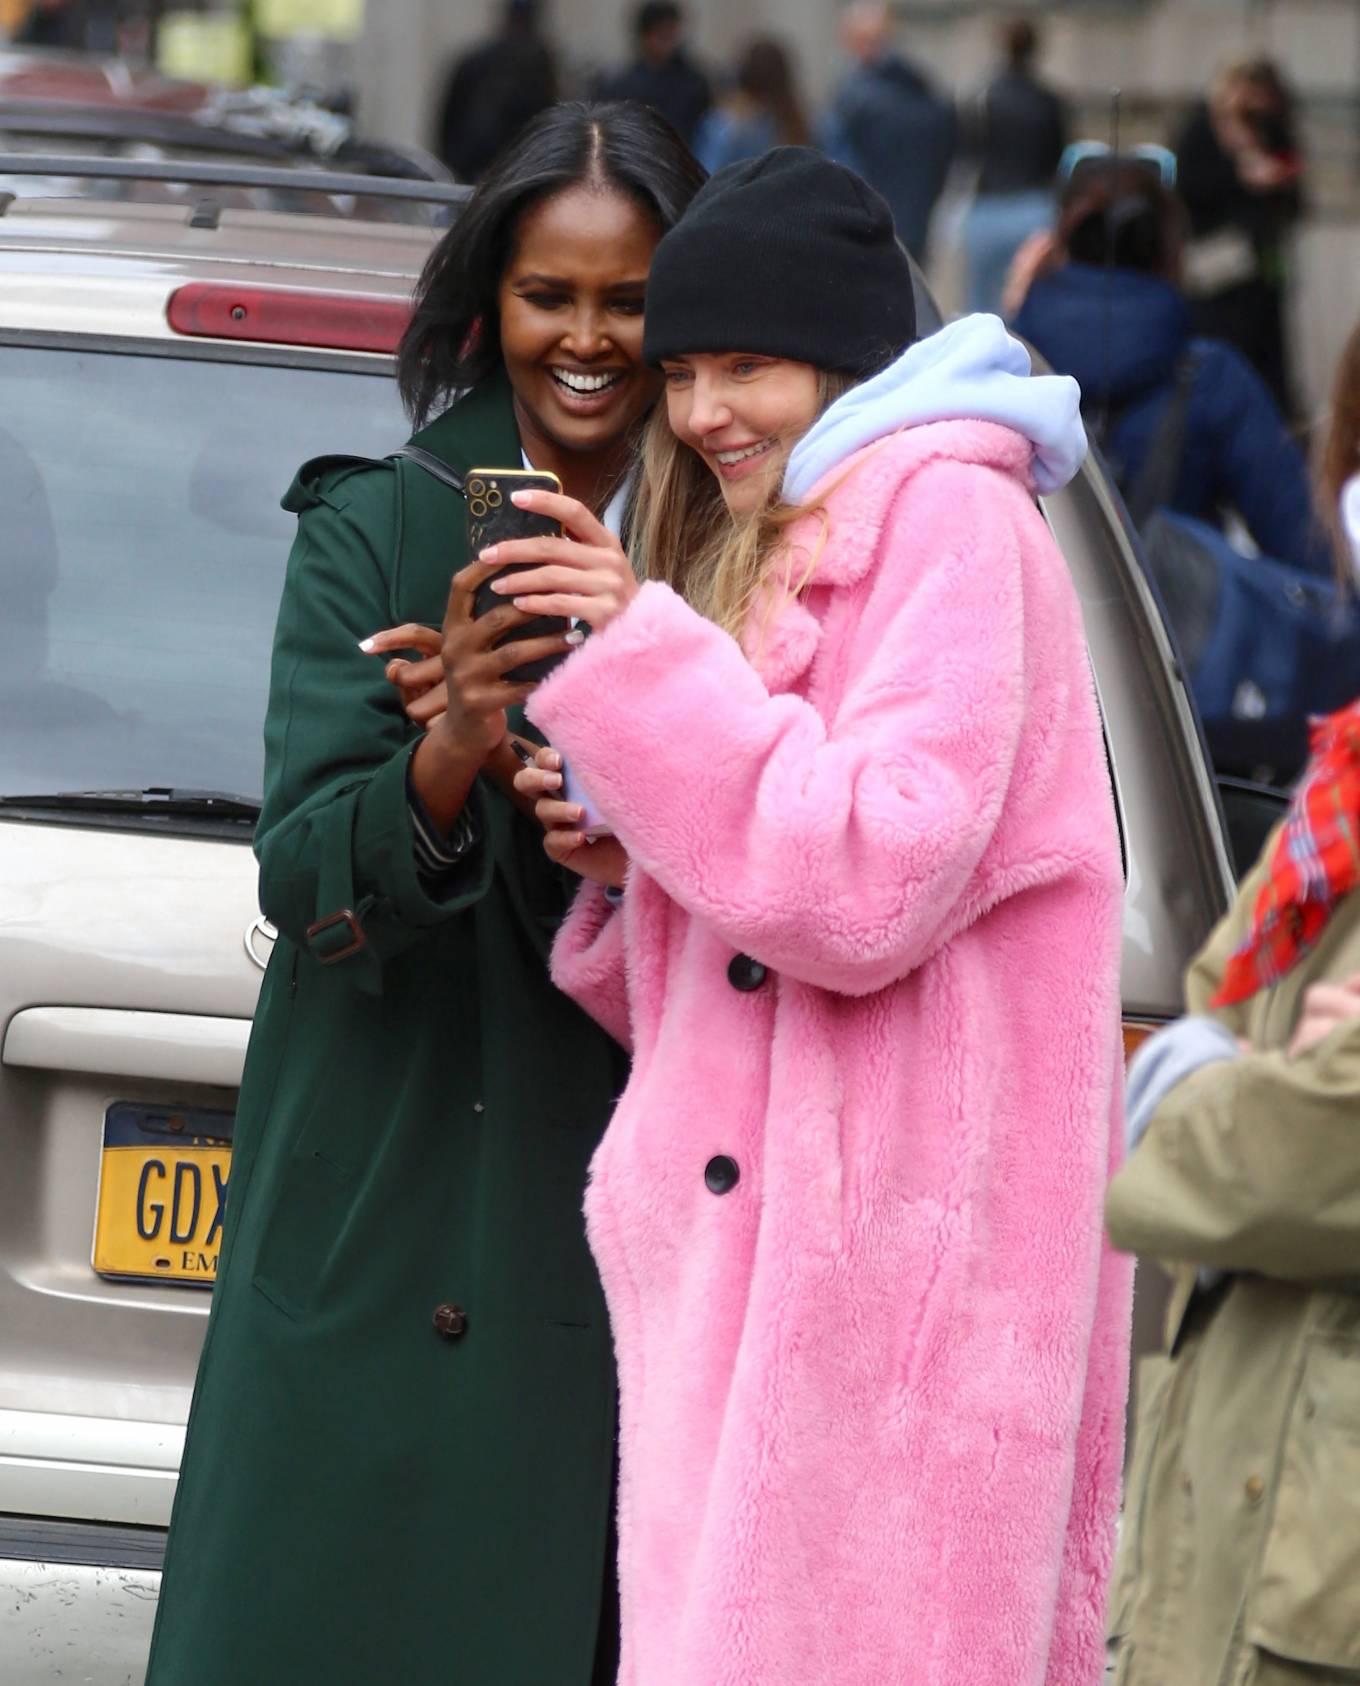 Alina Baikova - With Ubah Hassan doing live social media video on the street in Soho - New York